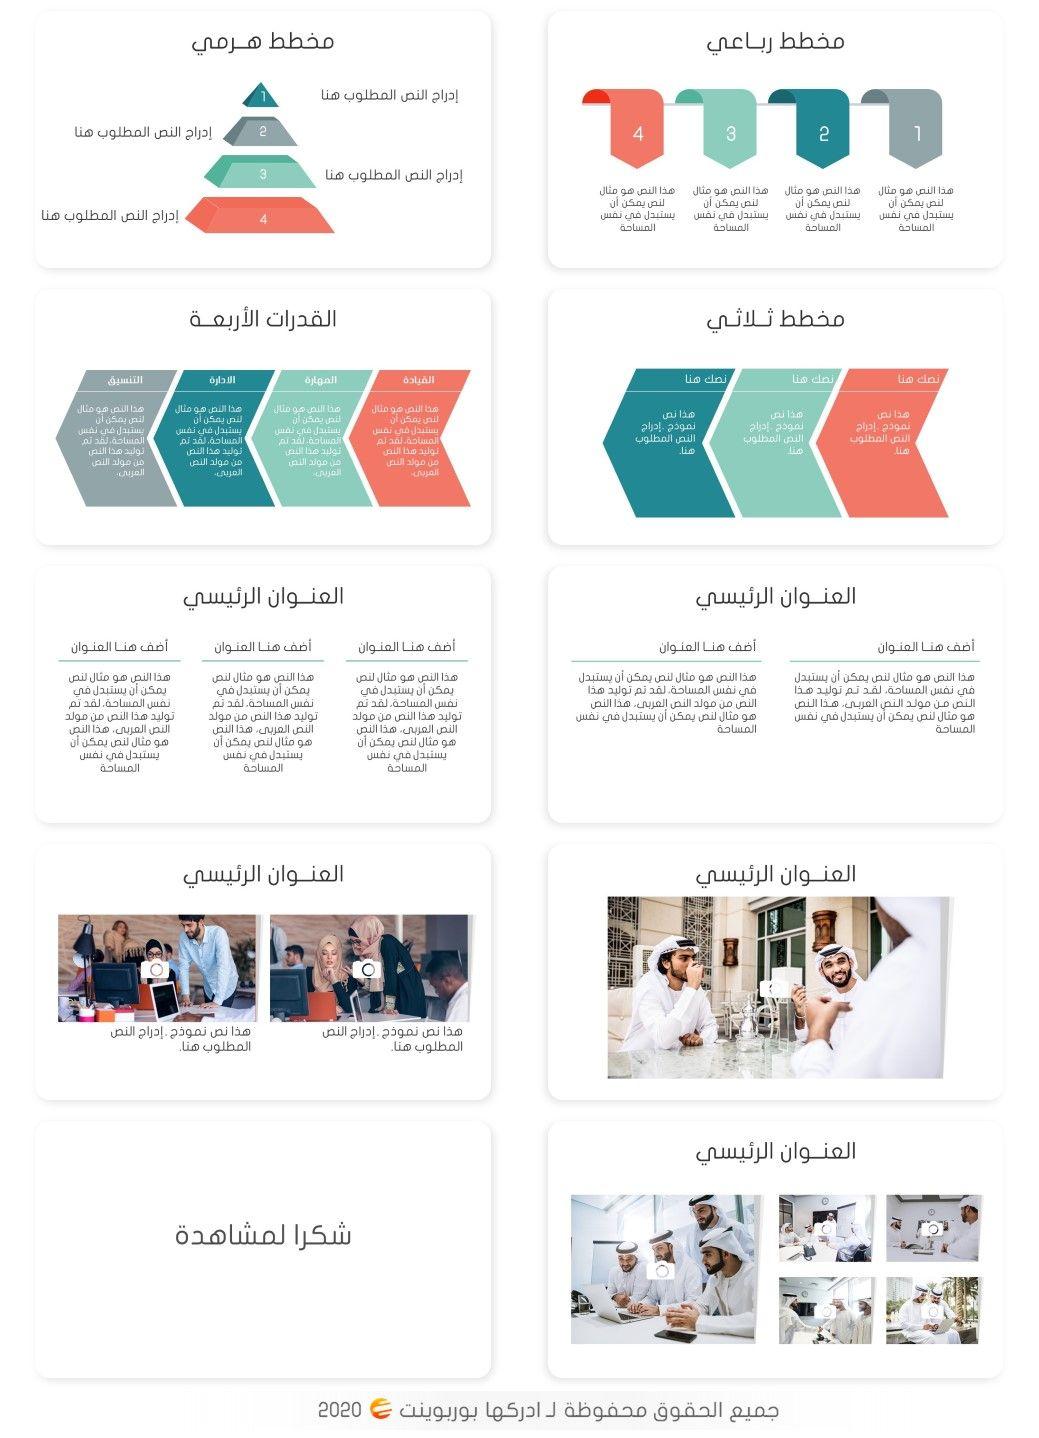 نماذج بوربوينت لعمل عرض تقديمي في البزنس والاعمال ادركها بوربوينت Powerpoint Background Design Powerpoint Design Powerpoint Presentation